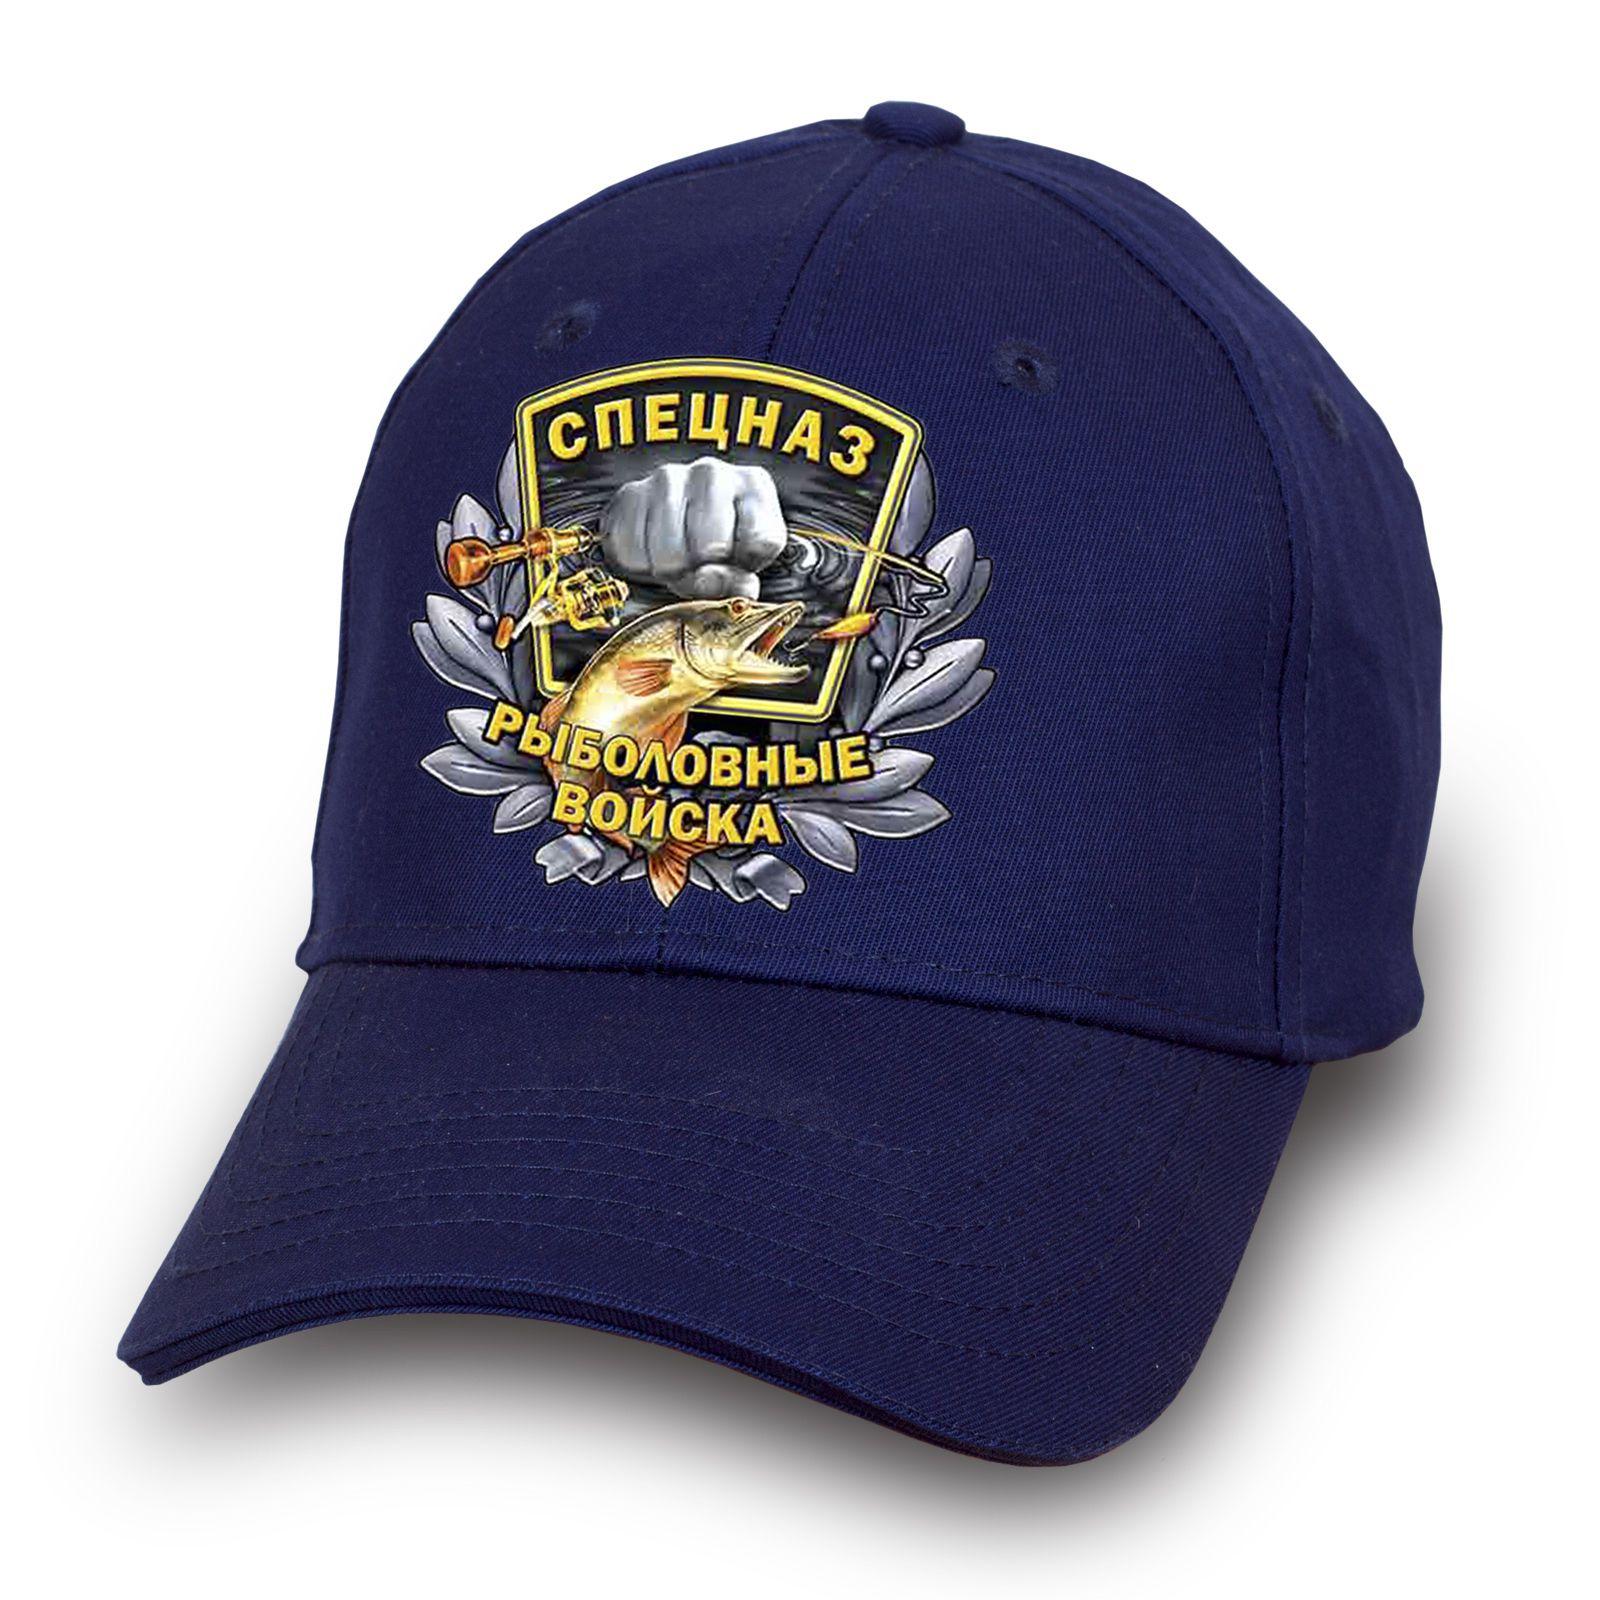 """Бейсболка """"Спецназ рыболовный"""" - купить онлайн недорого"""